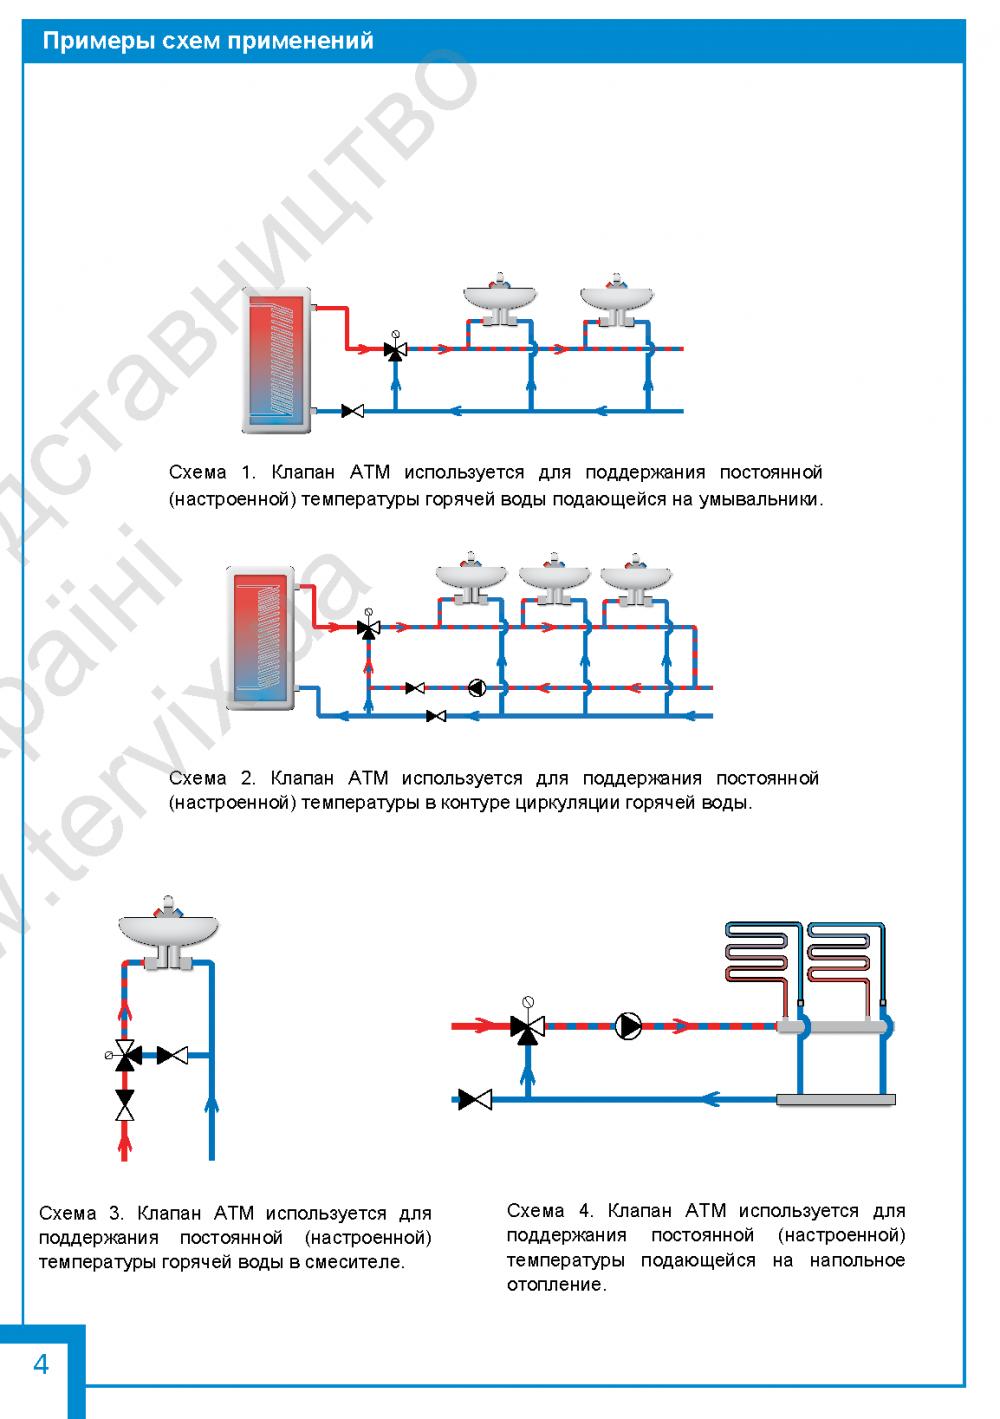 """Клапан от ожогов 1"""" Afriso ATM 363 T=35-60°C G 1"""" DN20 Kvs 1,6 термостатический смесительный  - 5"""